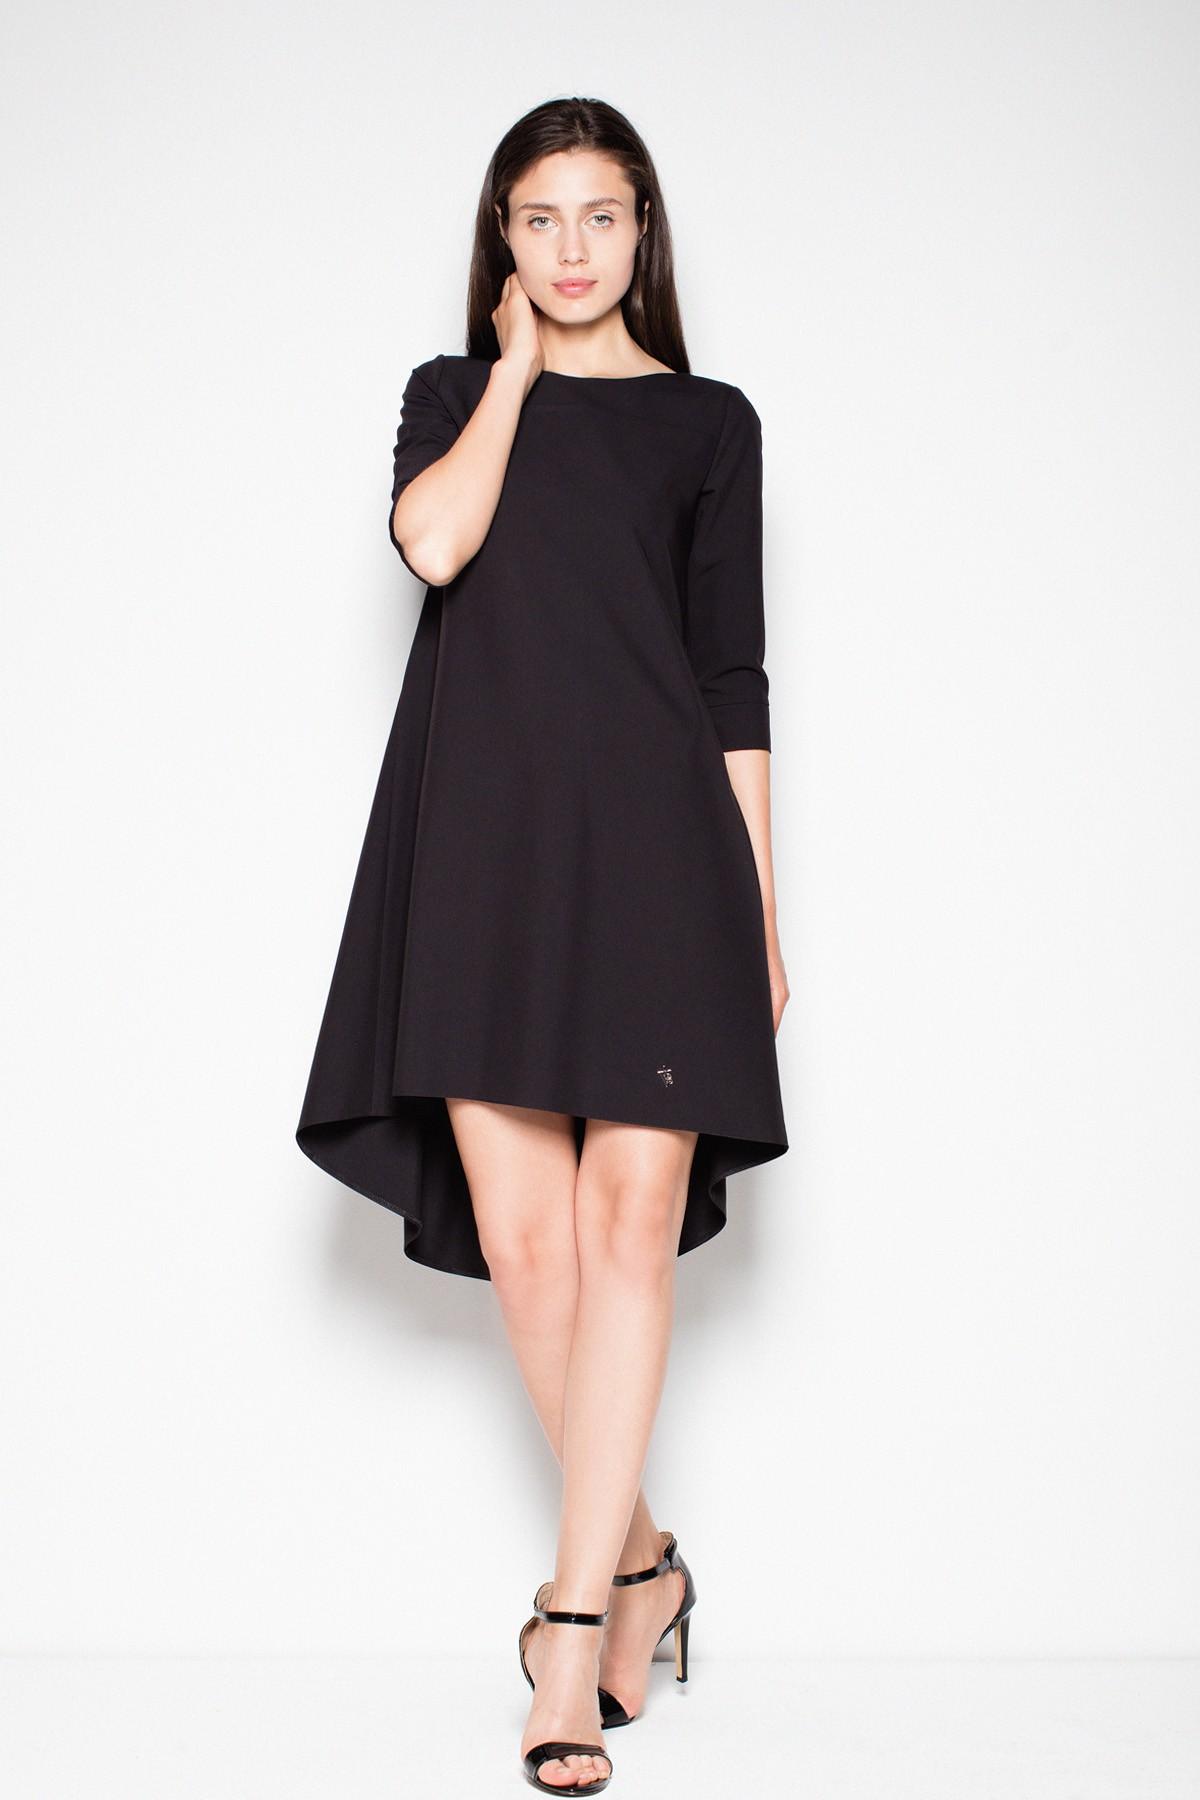 da4158f34b1397 Sukienka asymetryczna z dłuższym tyłem czarna - Wysyłka tylko 5,99 zł